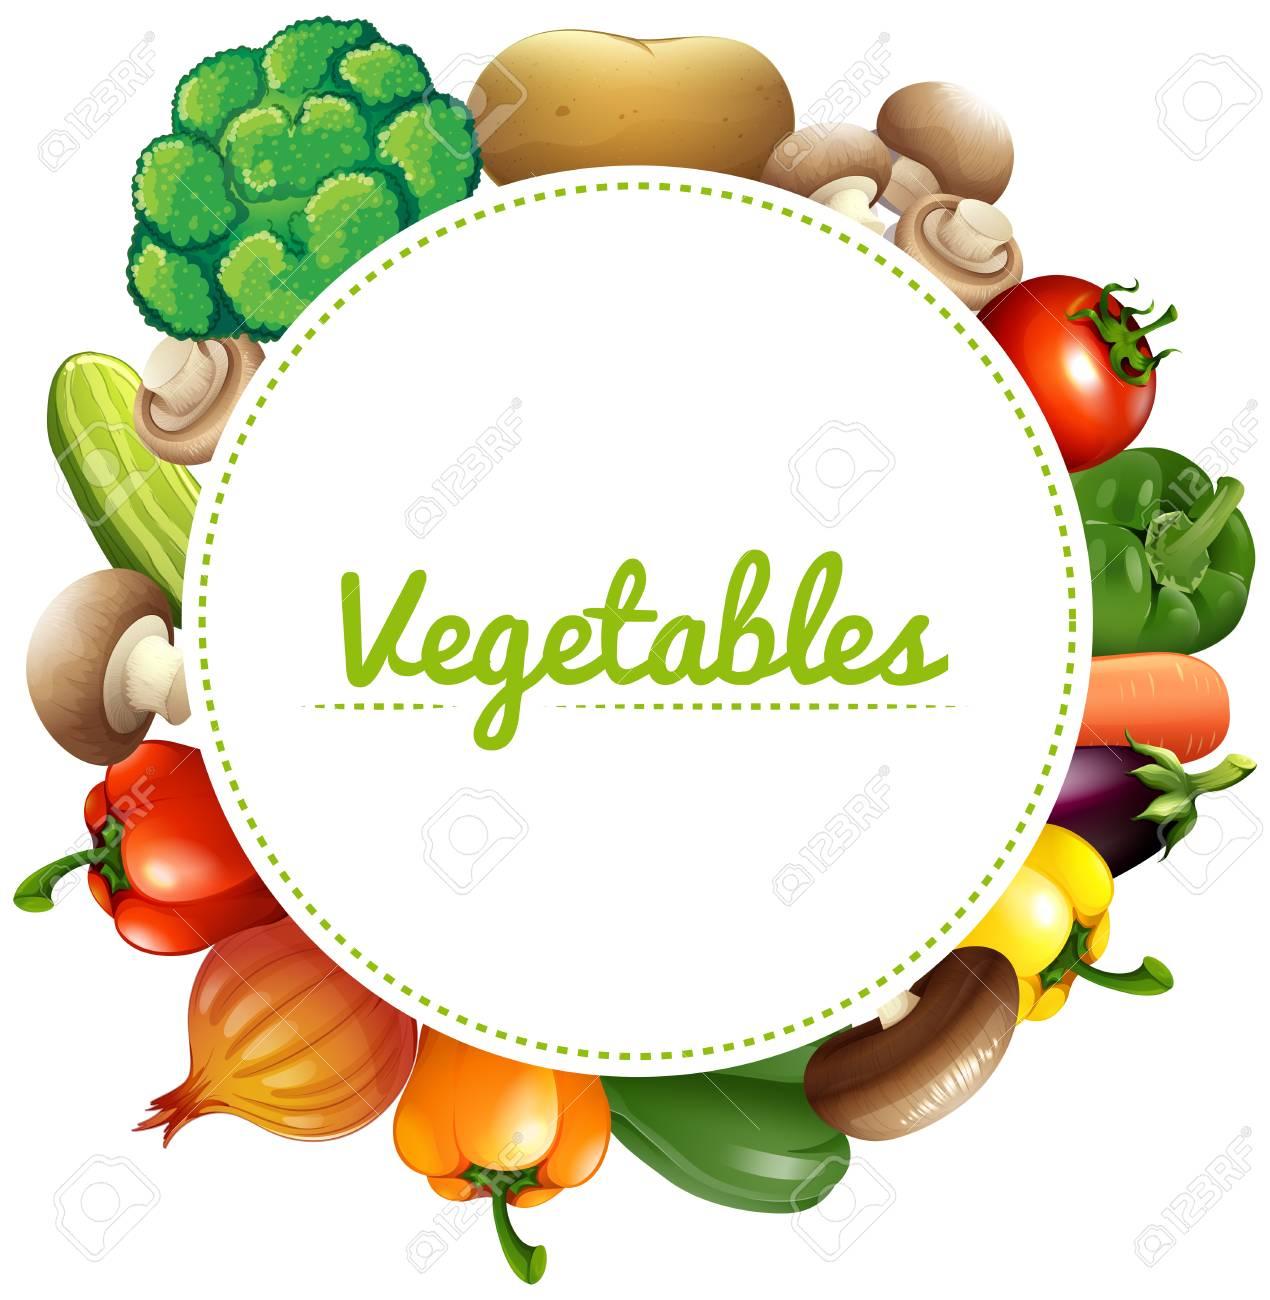 新鮮な野菜のイラスト バナー デザインのイラスト素材ベクタ Image